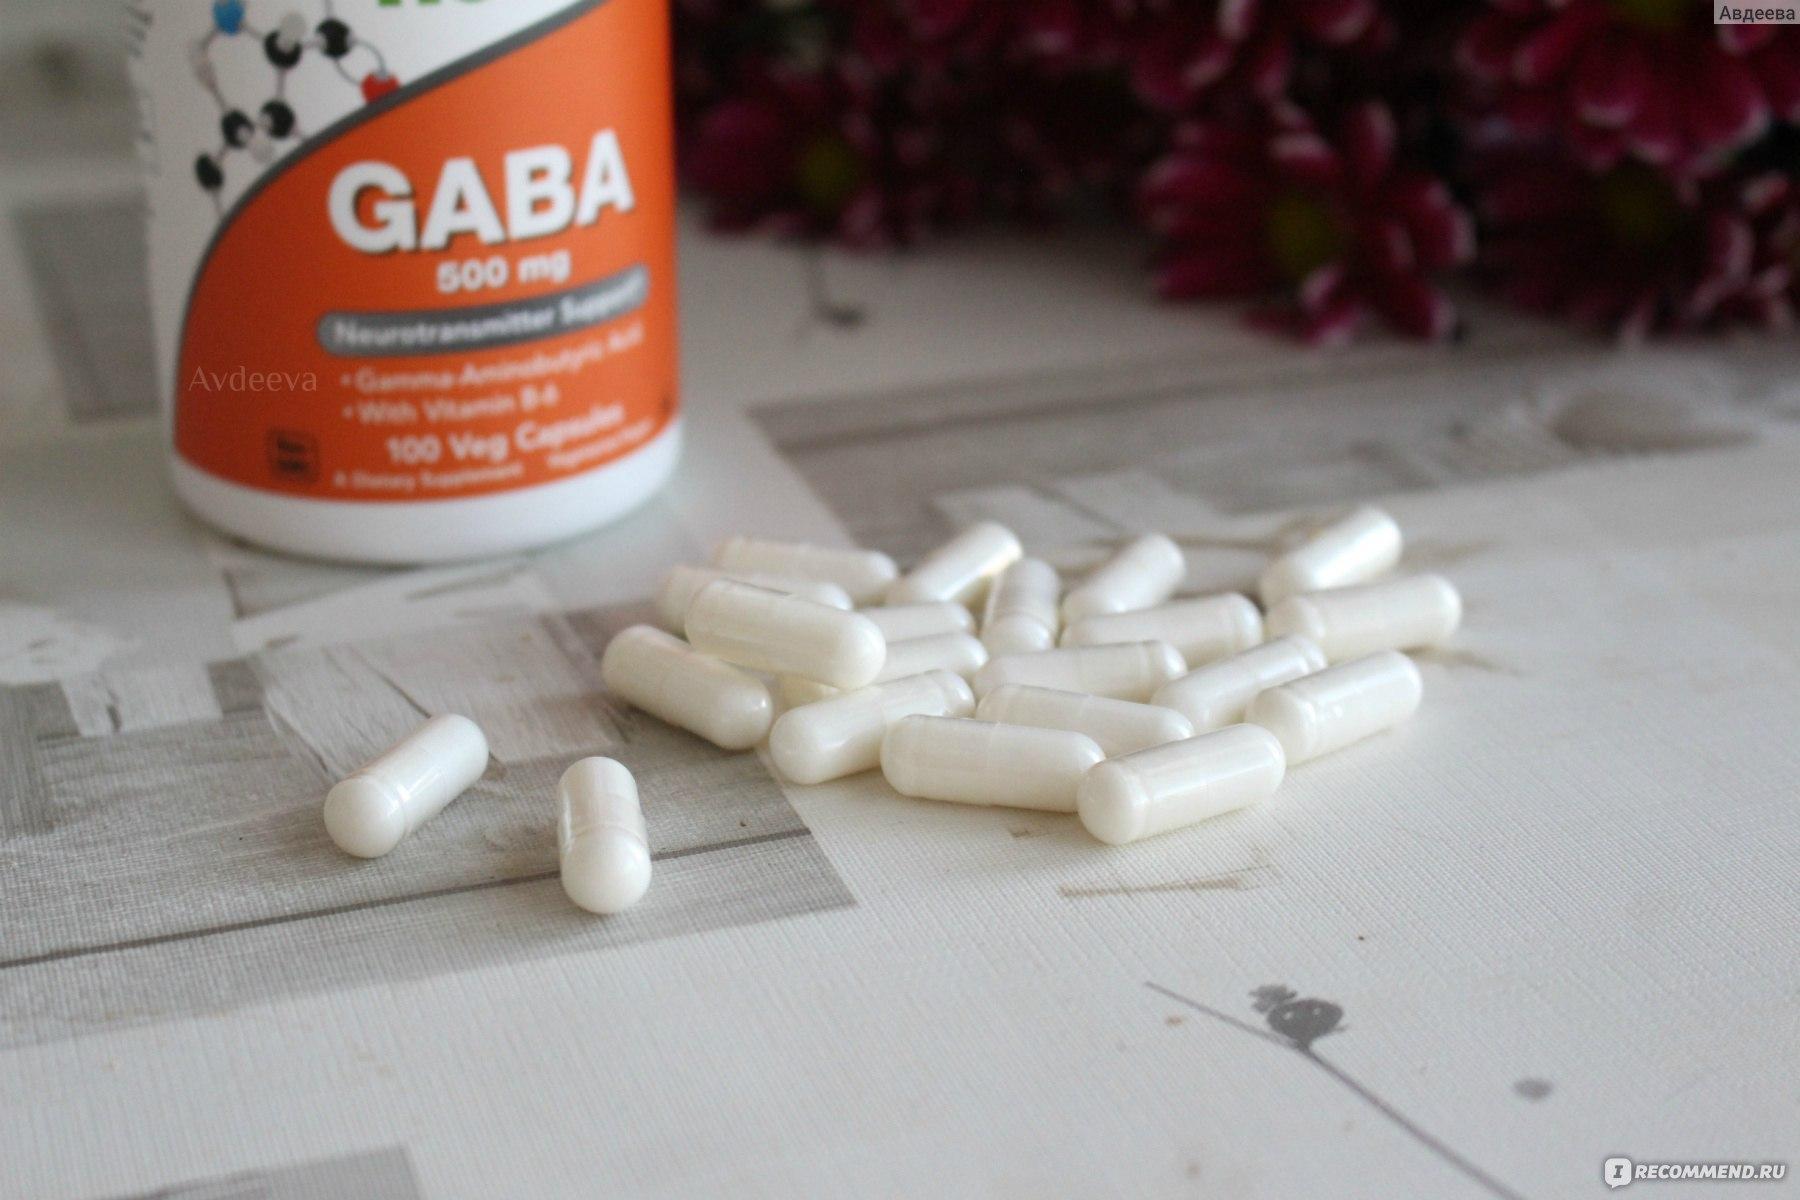 gaba bd foxmoor